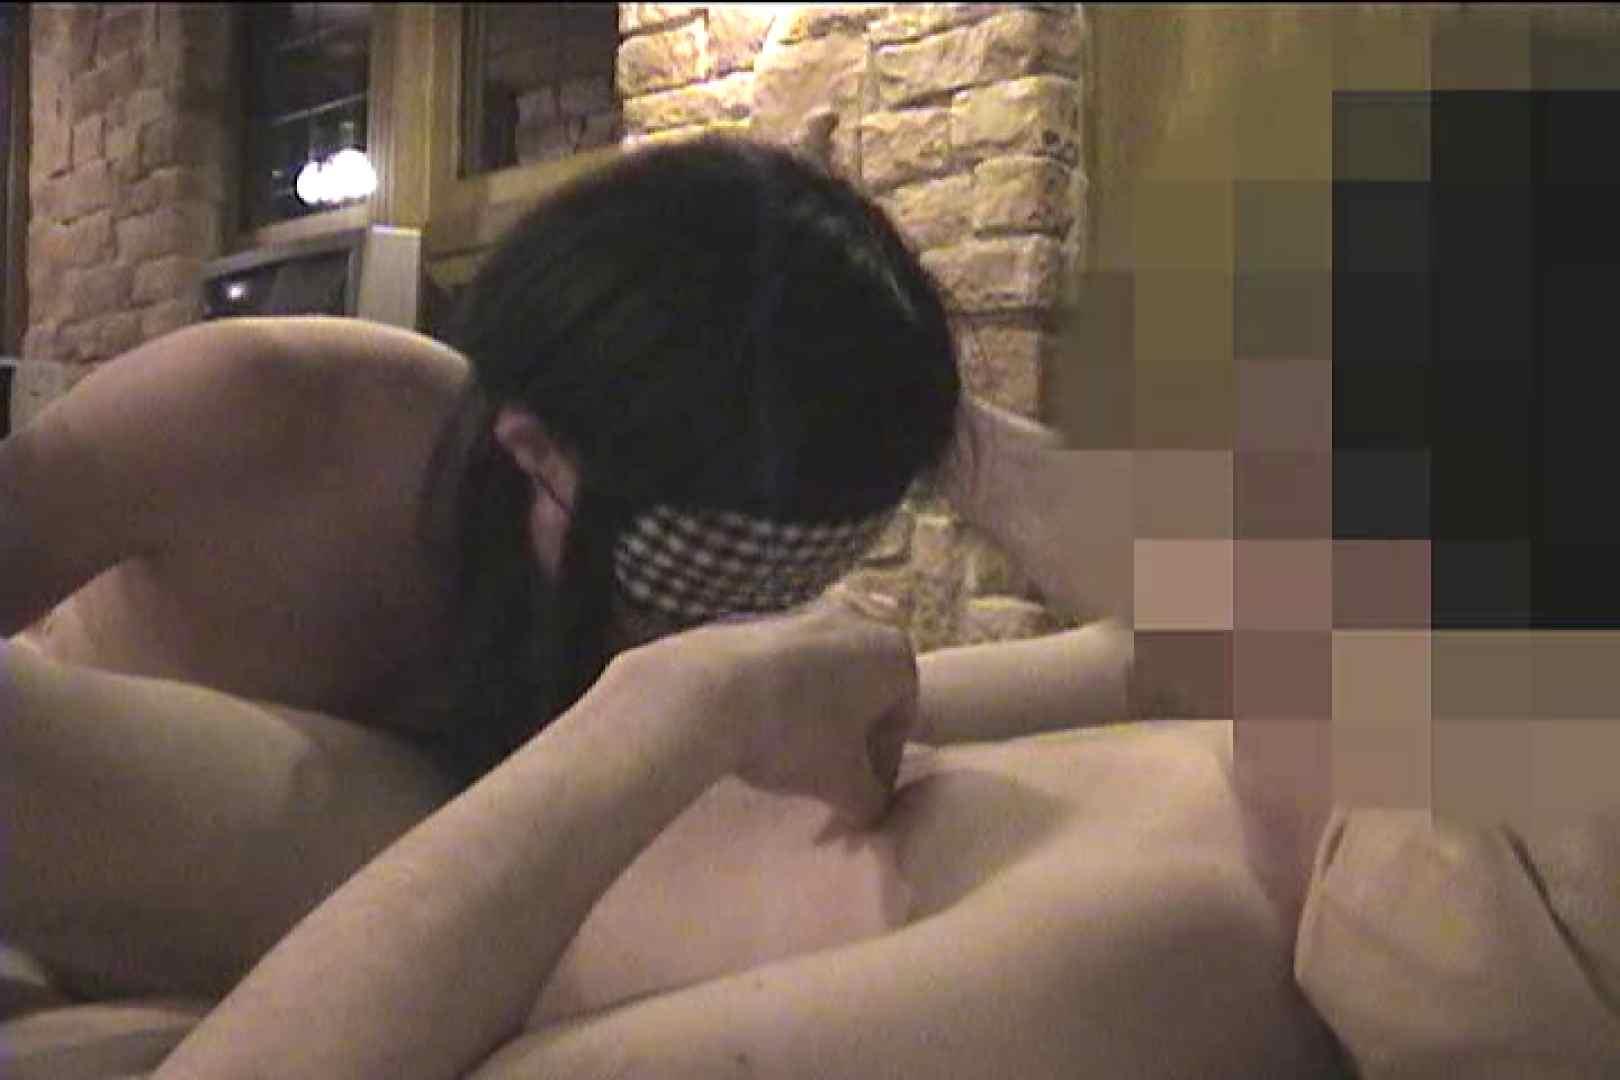 感度抜群純情嬢・バージンかなちゃんVol.1 お尻 盗撮ヌード画像 105画像 38